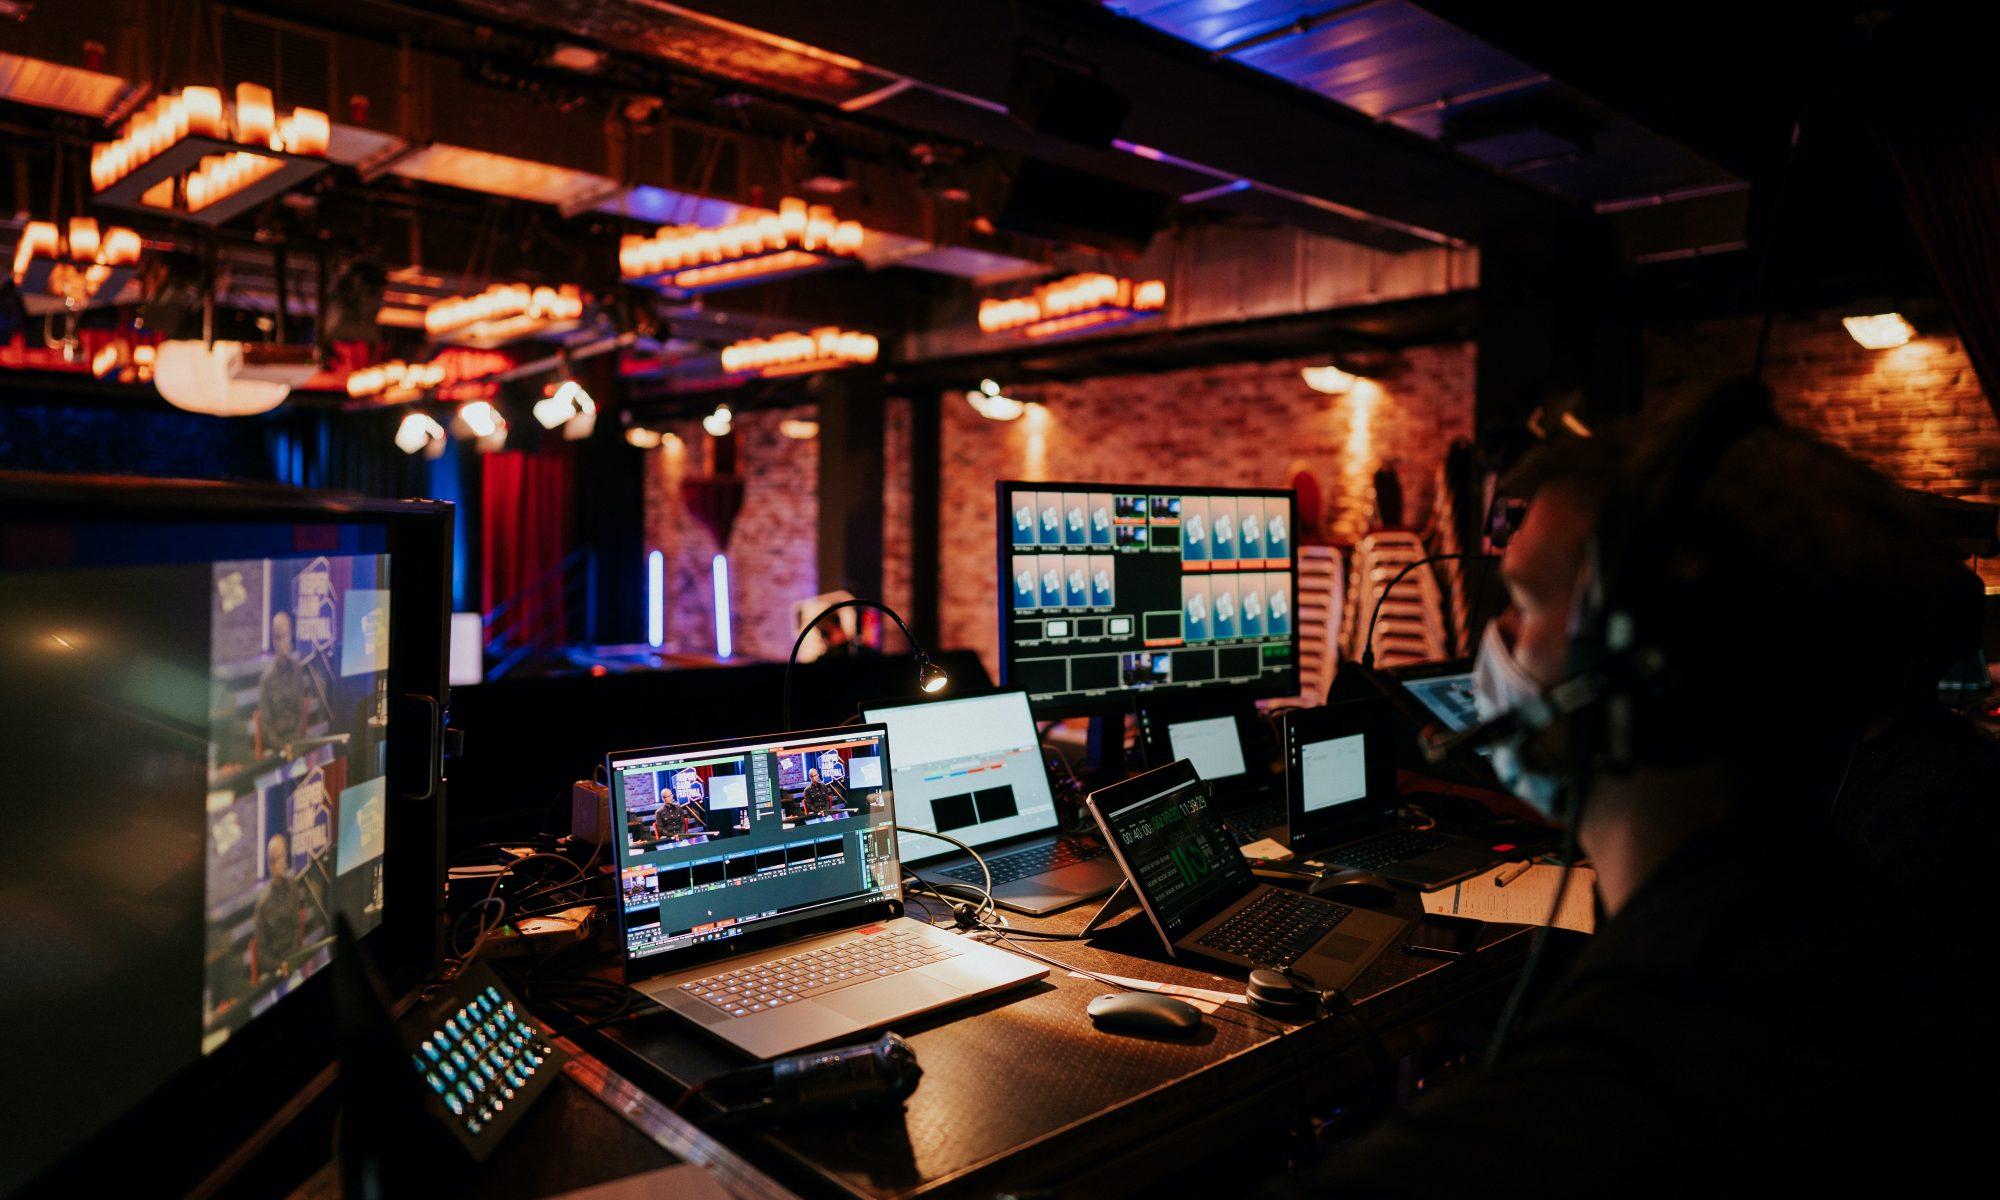 Reeperbahn Festival, Konferenz, Streaming, Studio, Technik